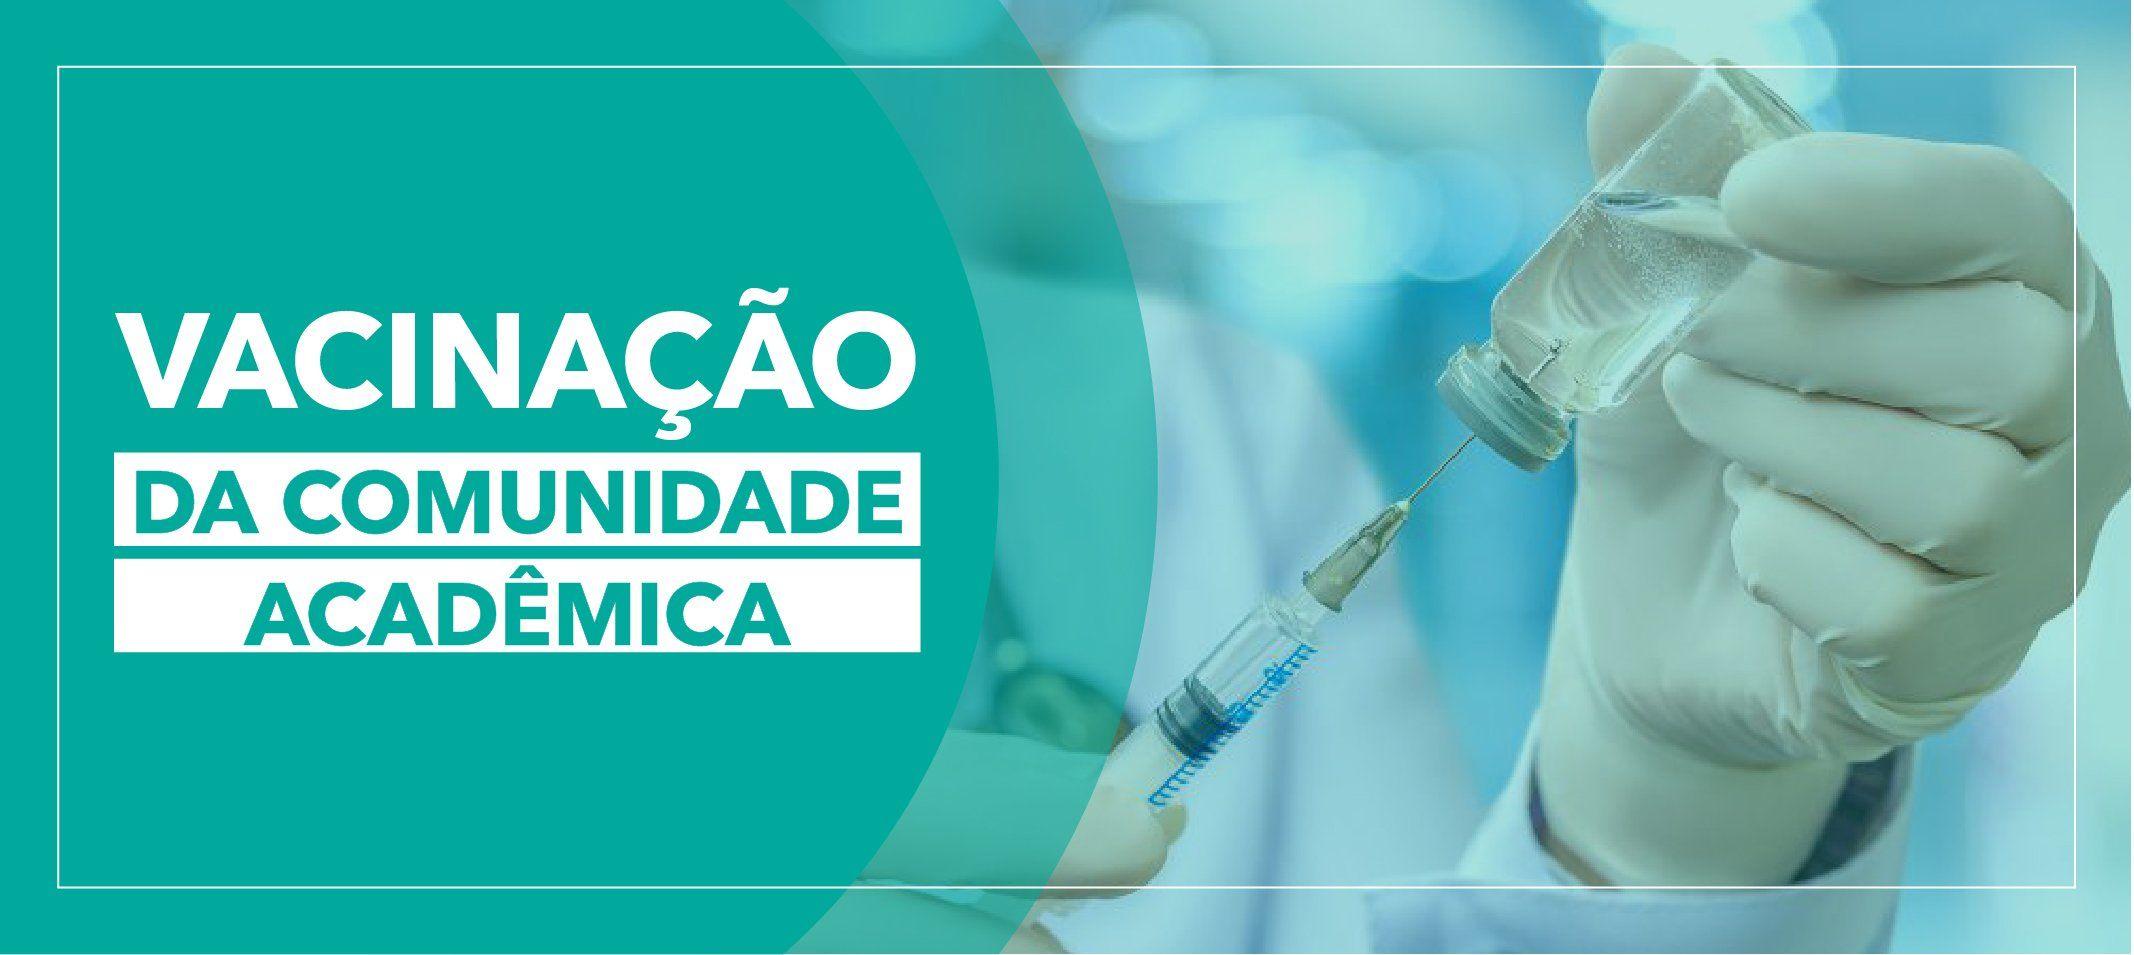 Ufam amplia lista de público prioritário para imunização contra a covid-19 em solicitação à Semsa